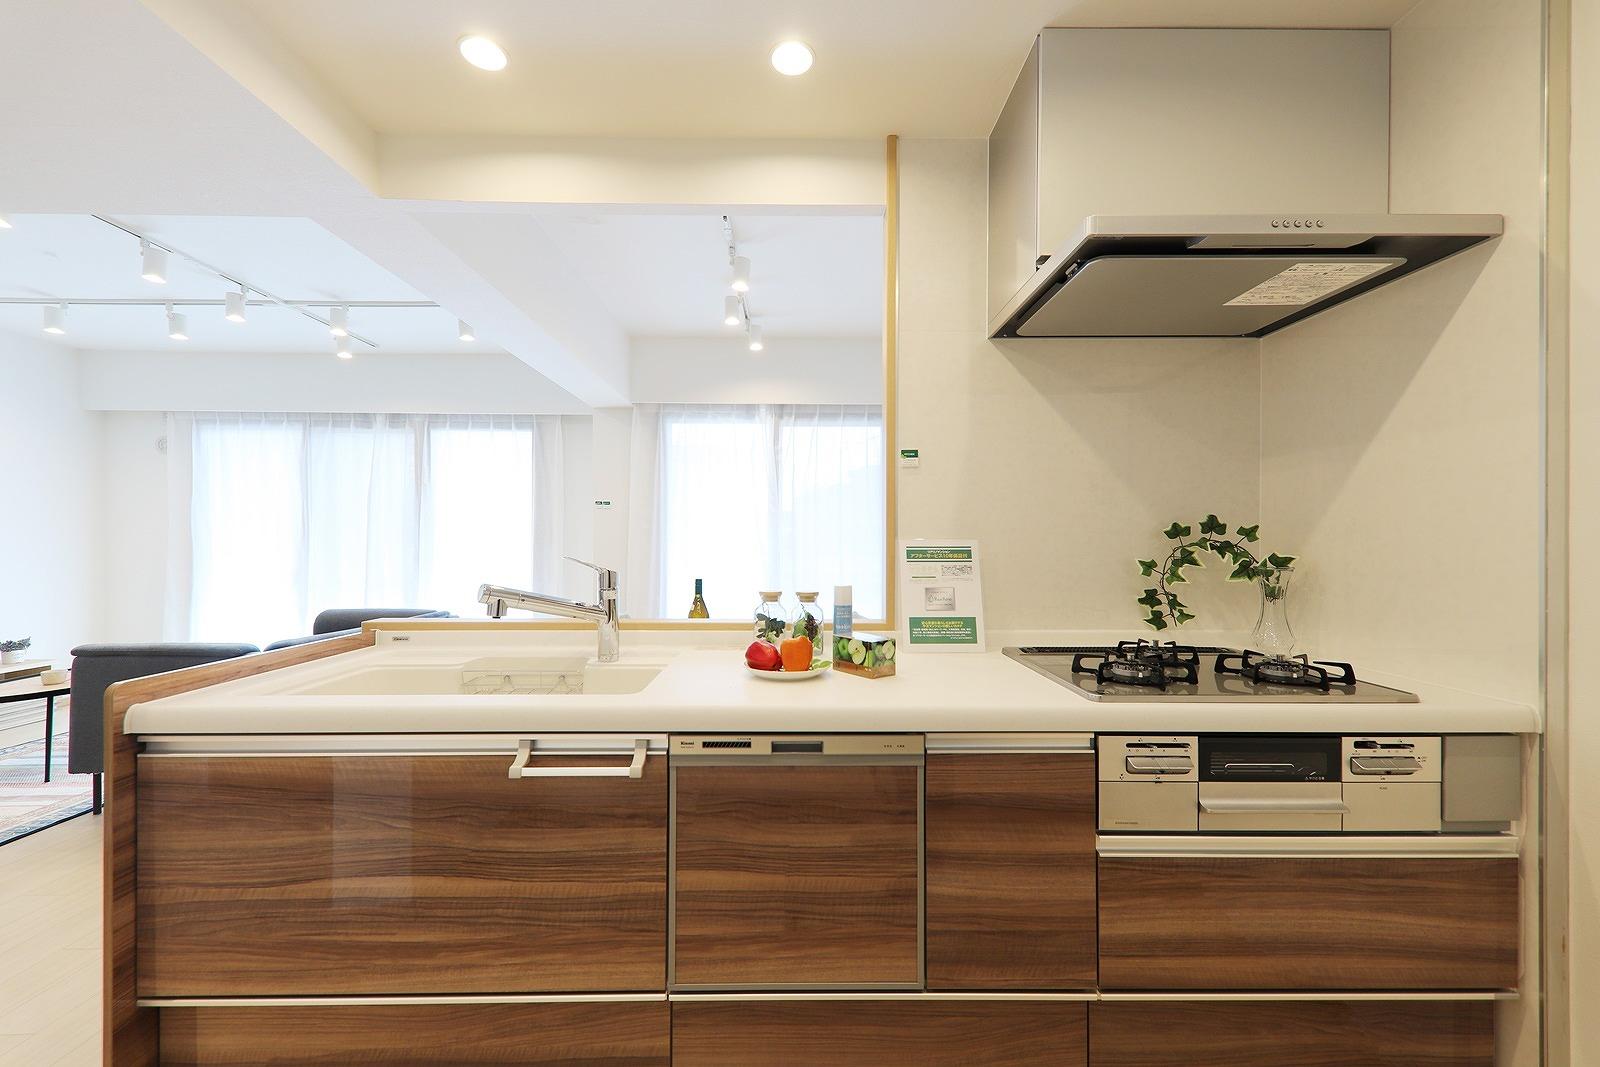 クリナップ製システムキッチン新品交換(食洗機付)